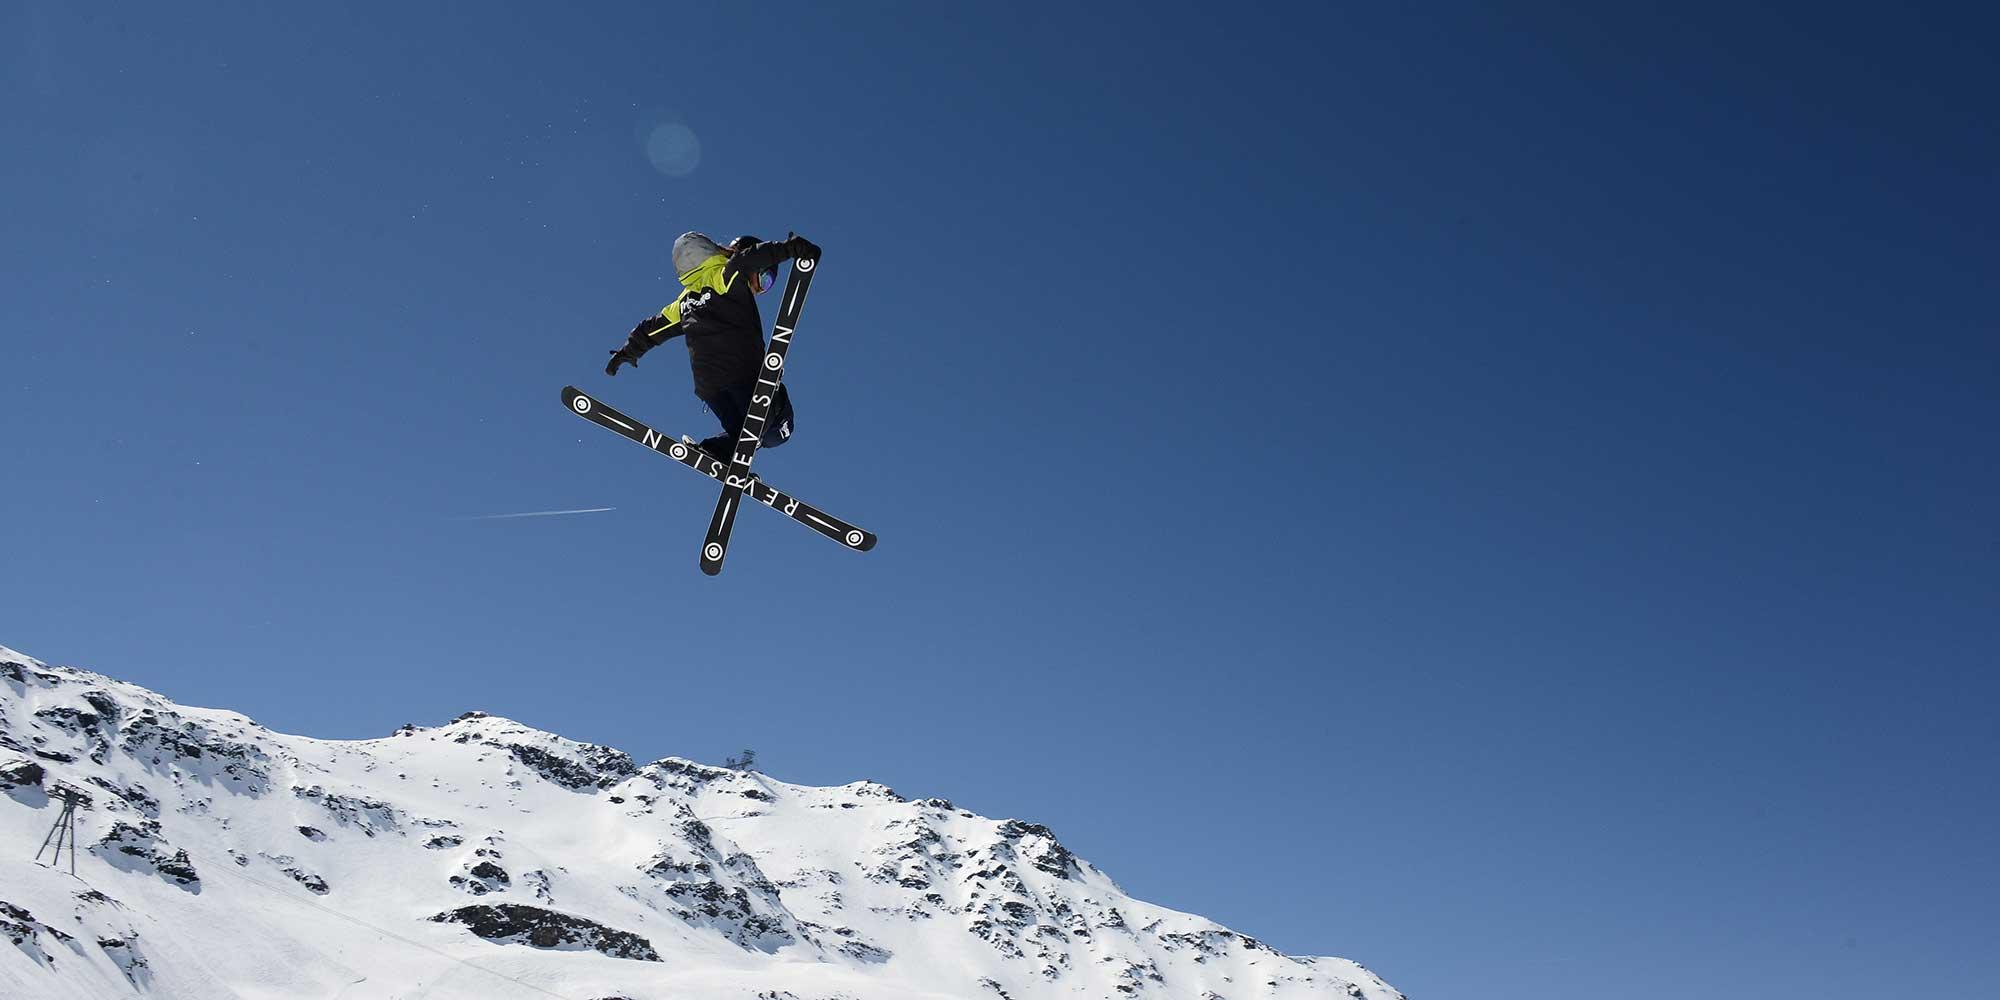 choisir ses skis freestyle - les conseils de Prosneige